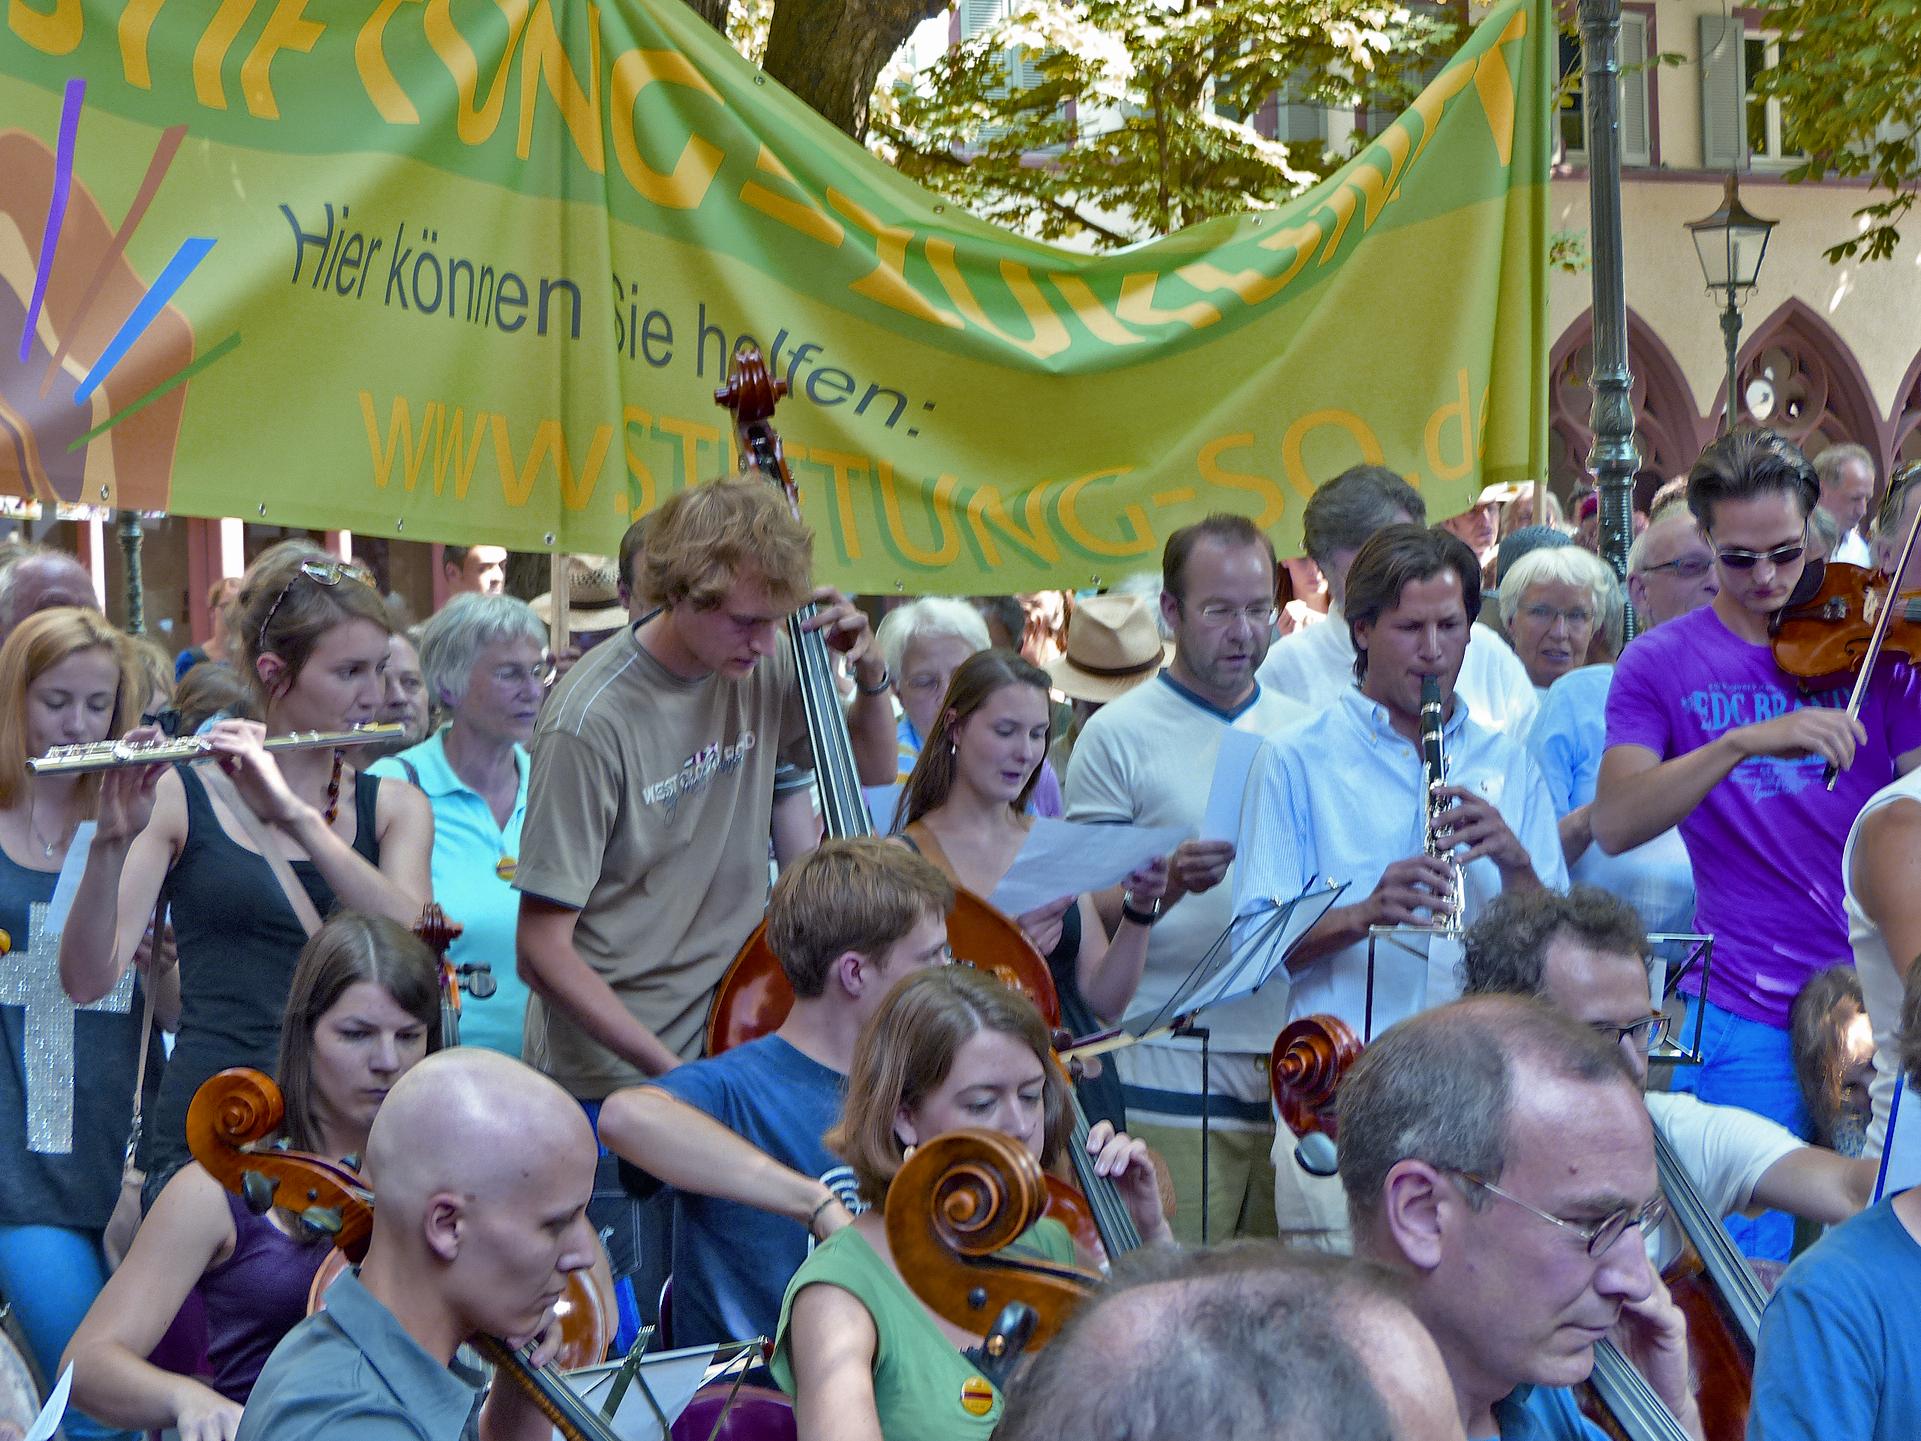 Demo, Demonstration, Rathausplatz, Freiburg, SWR, Sinfonieorchester